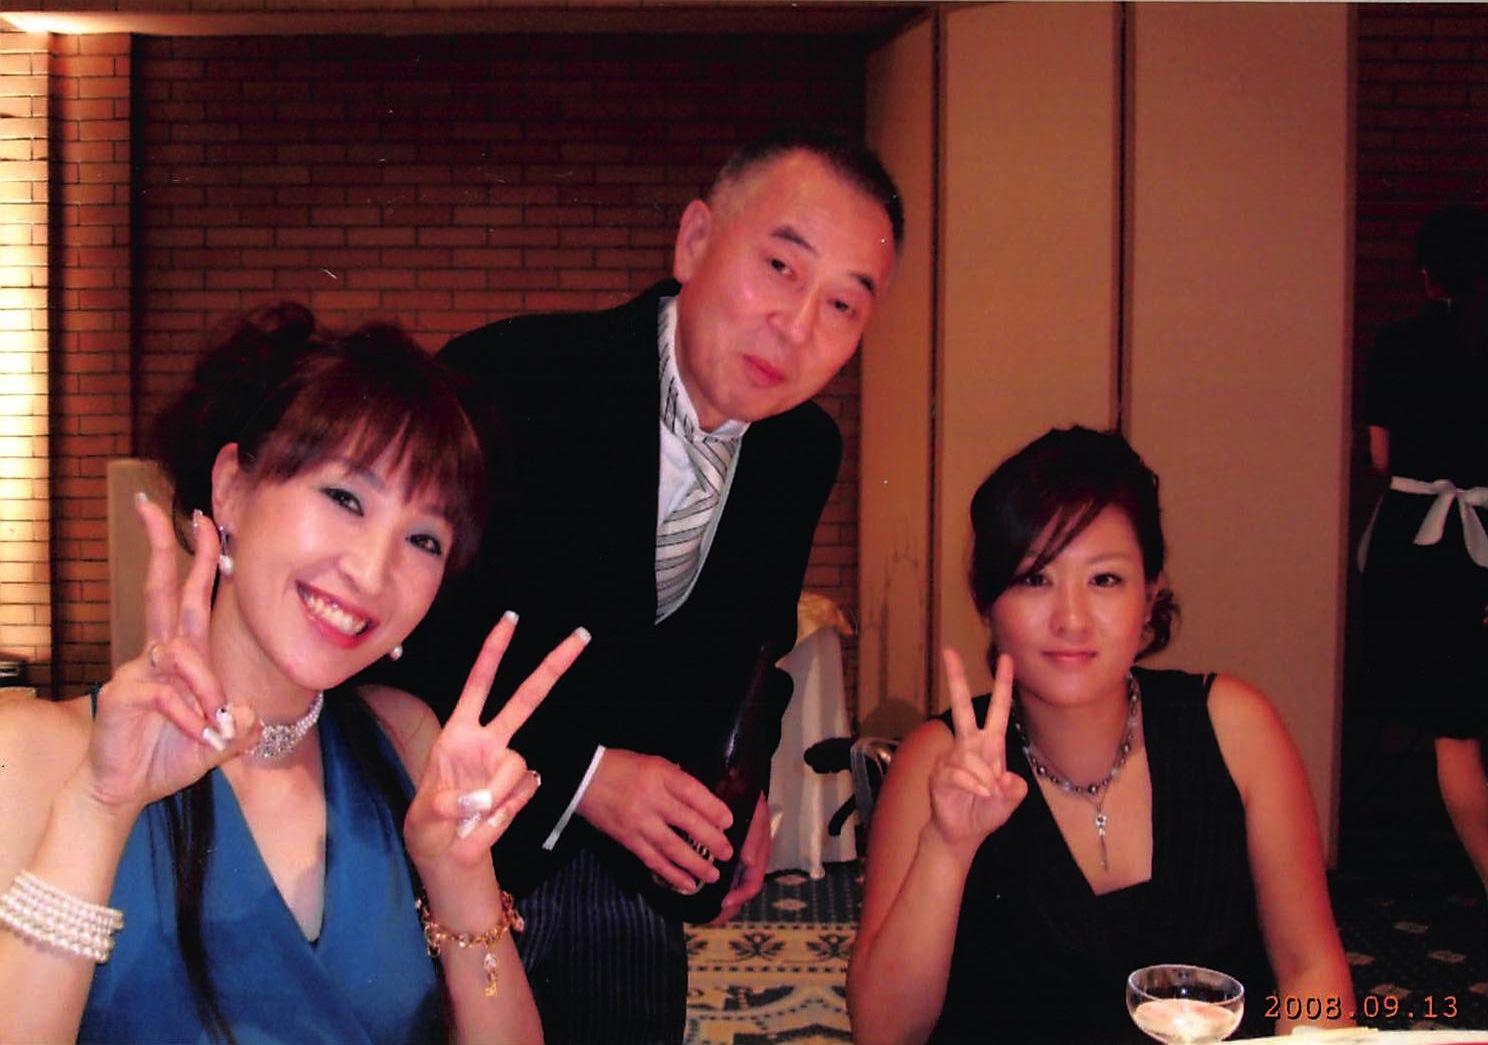 【宇宙兄弟×ALSプロジェクト『せりか基金』スタートまであと6日!】